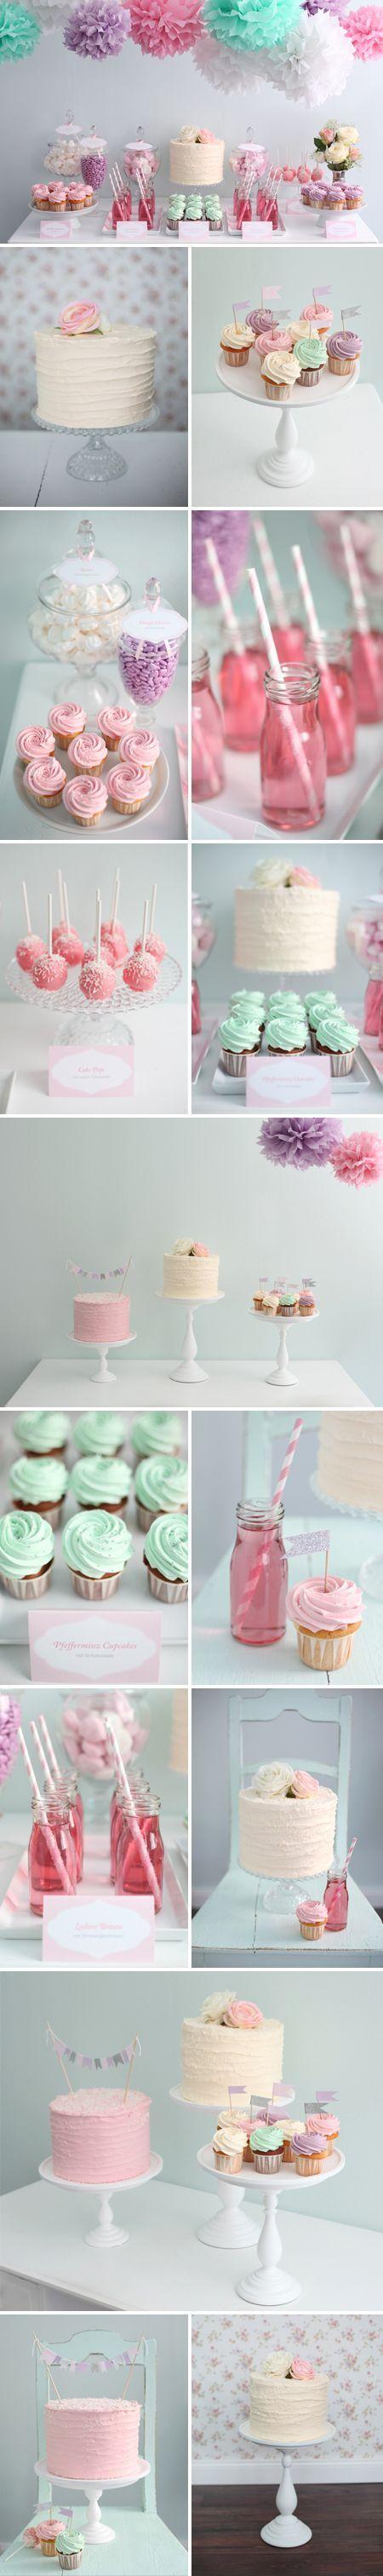 idea-de-como-decorar-mesa-de-postre-ideal-para-fiesta-de-xv-años | Curso de organizacion de hogar aprenda a ser organizado en poco tiempo